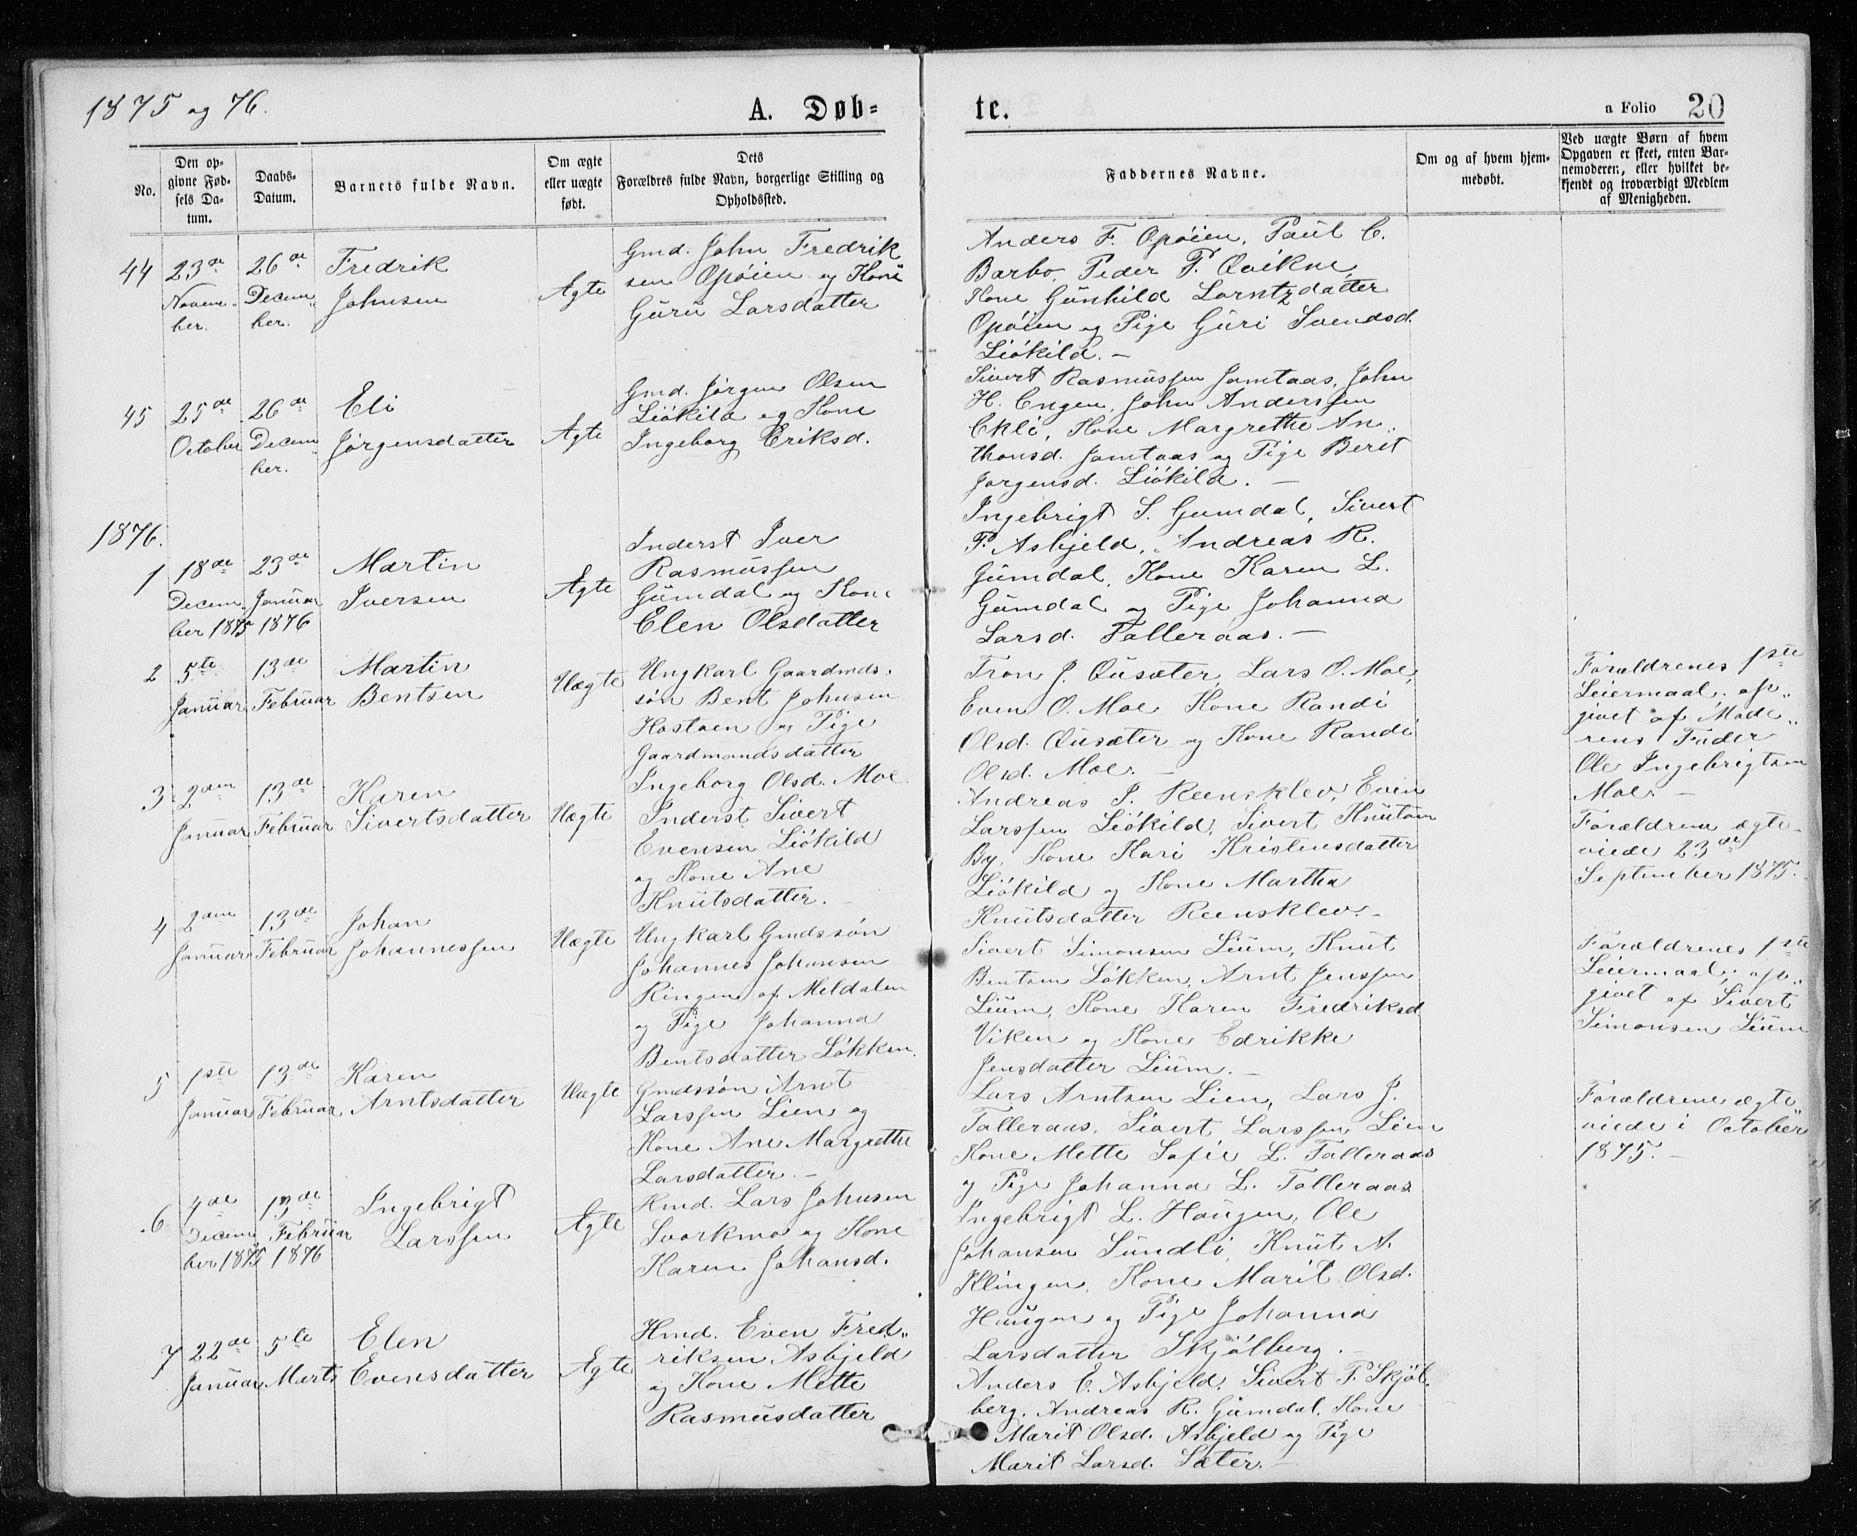 SAT, Ministerialprotokoller, klokkerbøker og fødselsregistre - Sør-Trøndelag, 671/L0843: Klokkerbok nr. 671C02, 1873-1892, s. 20